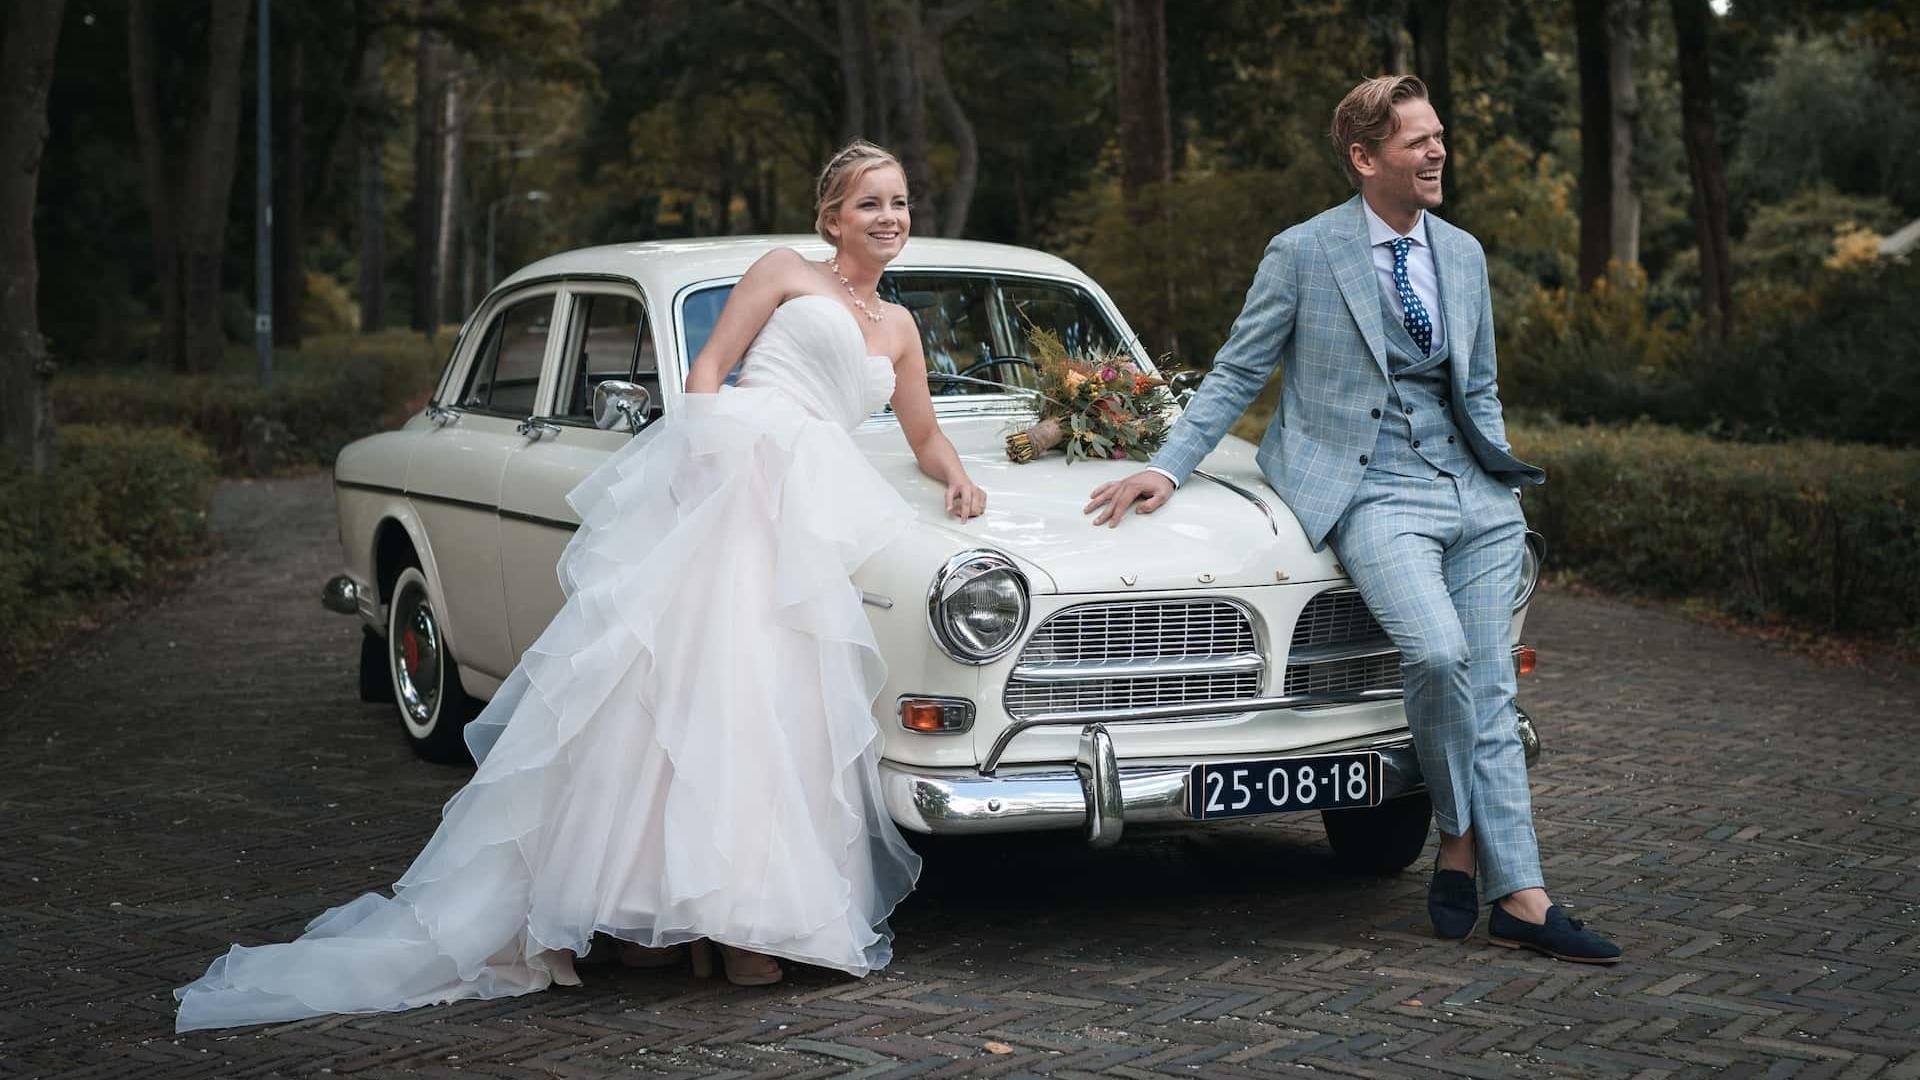 Volvo Trouwauto met Bruidspaar